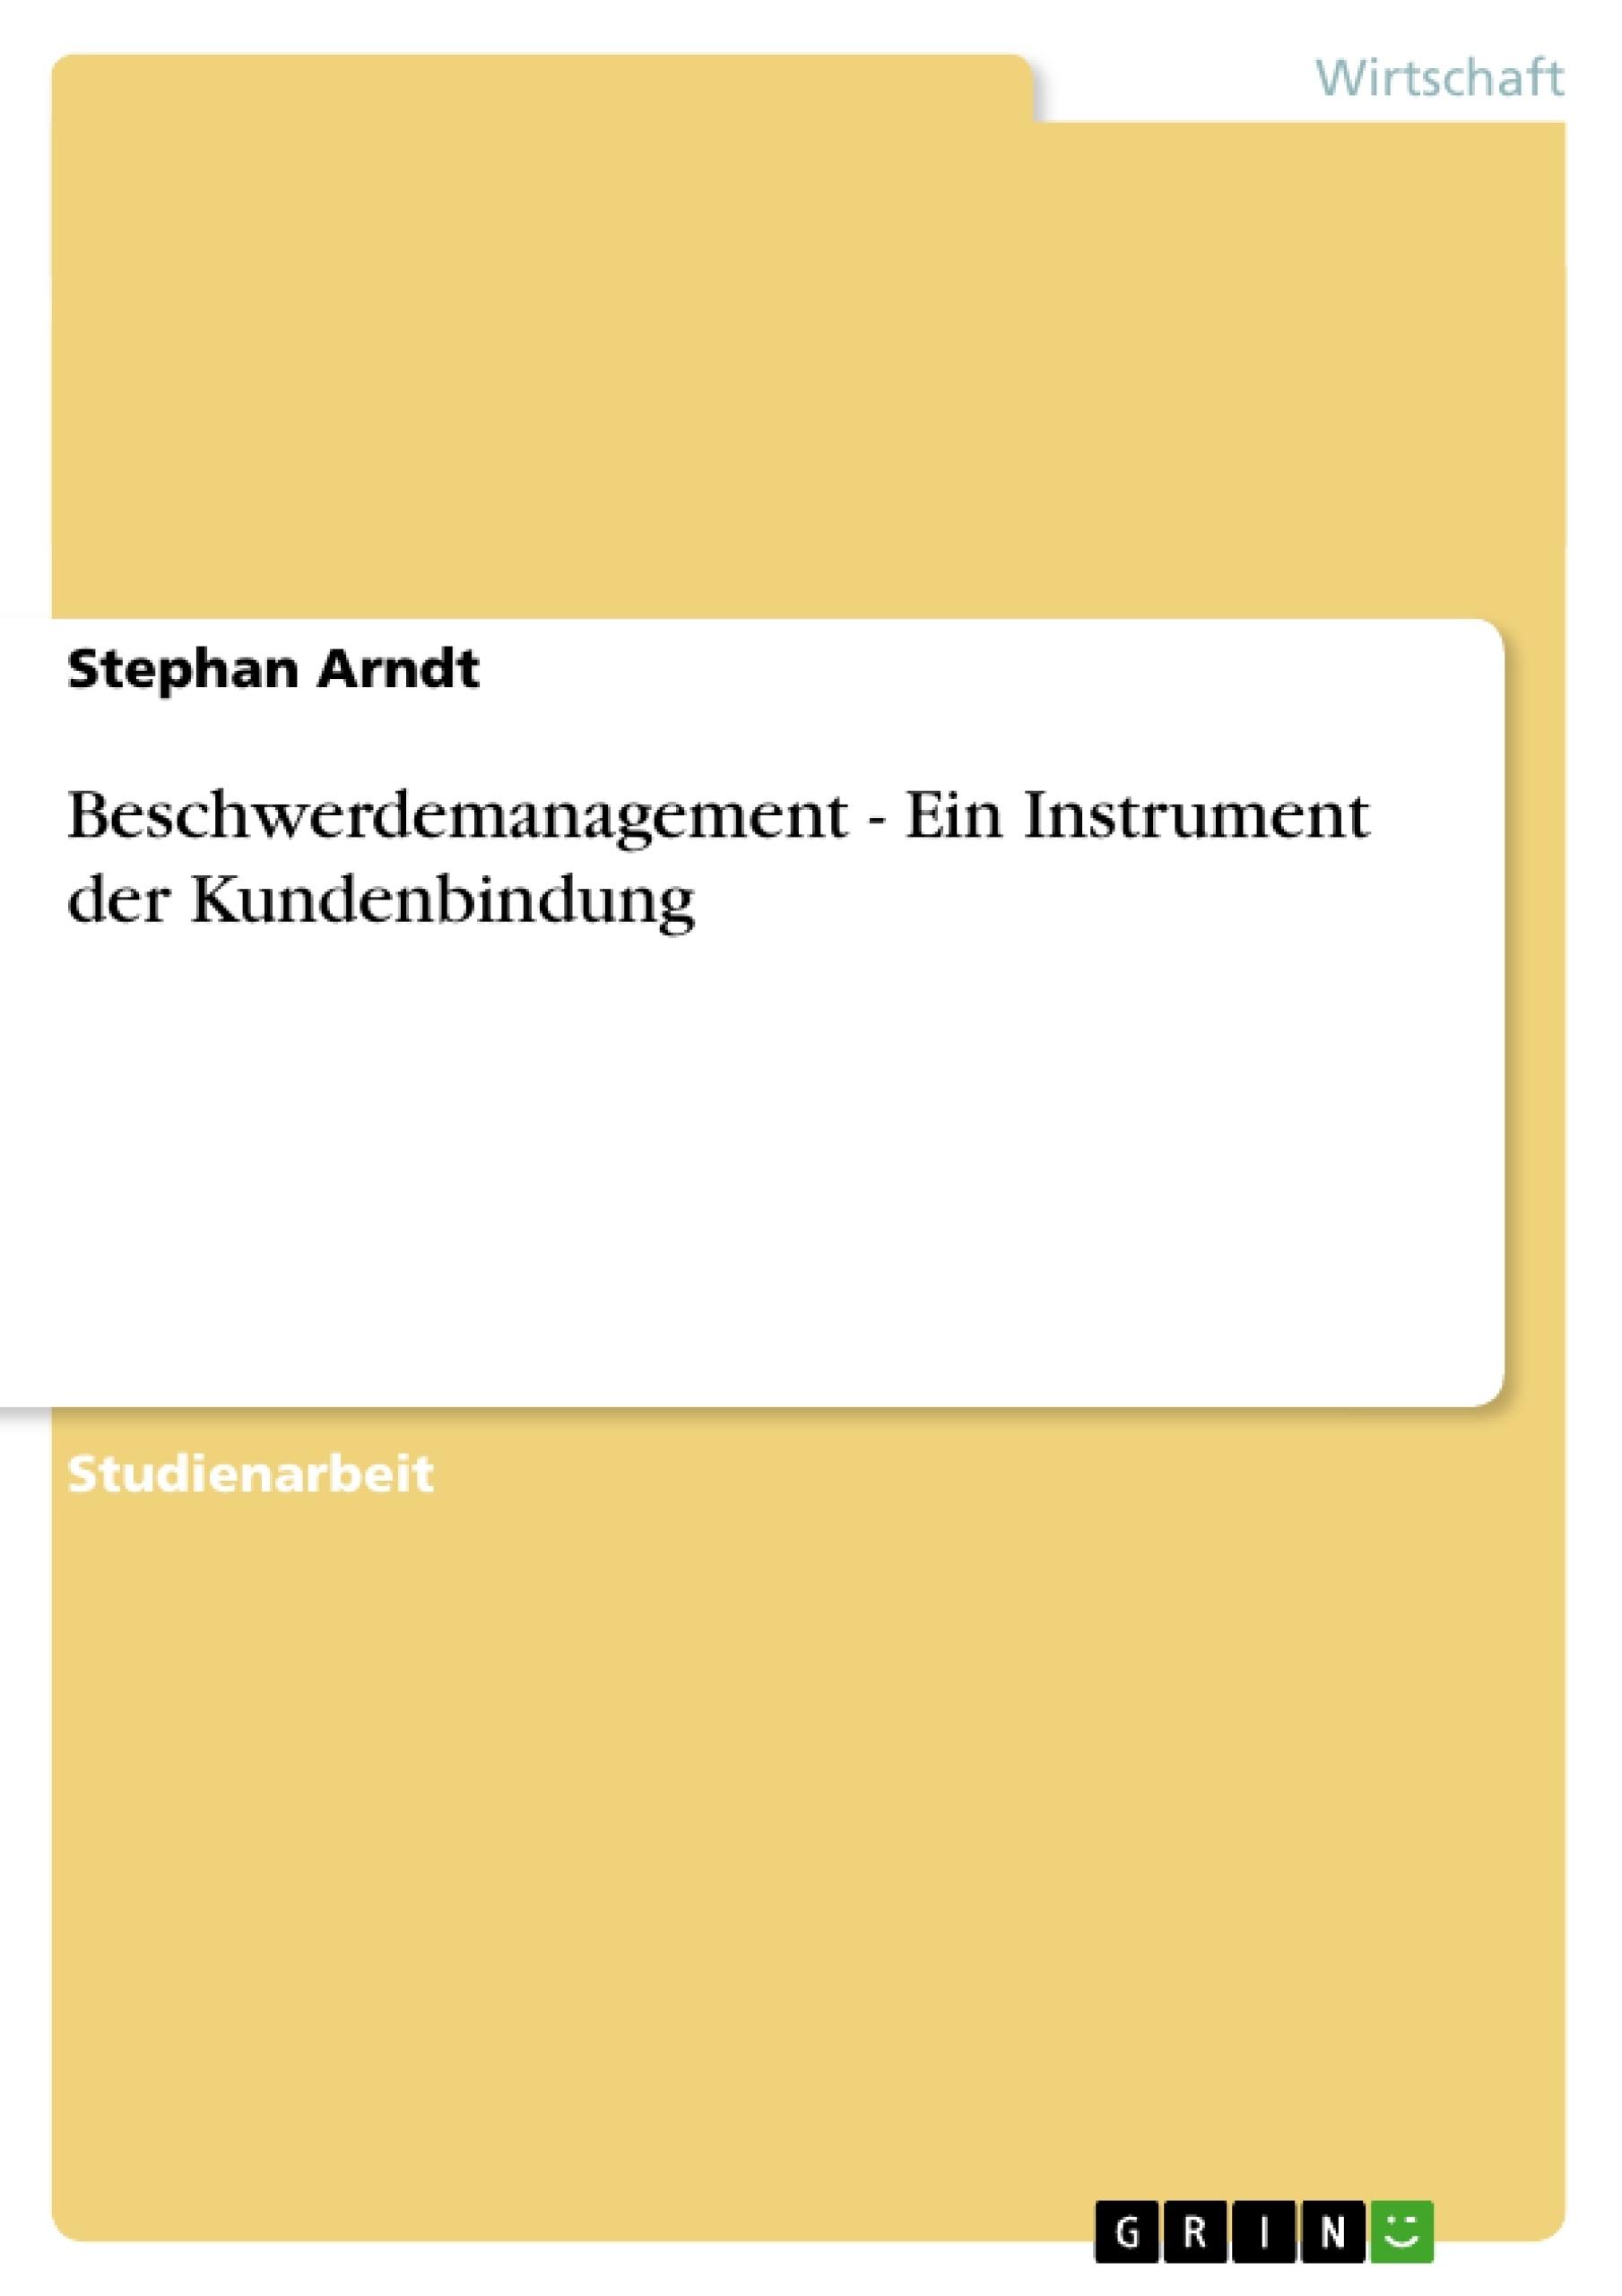 Titel: Beschwerdemanagement - Ein Instrument der Kundenbindung